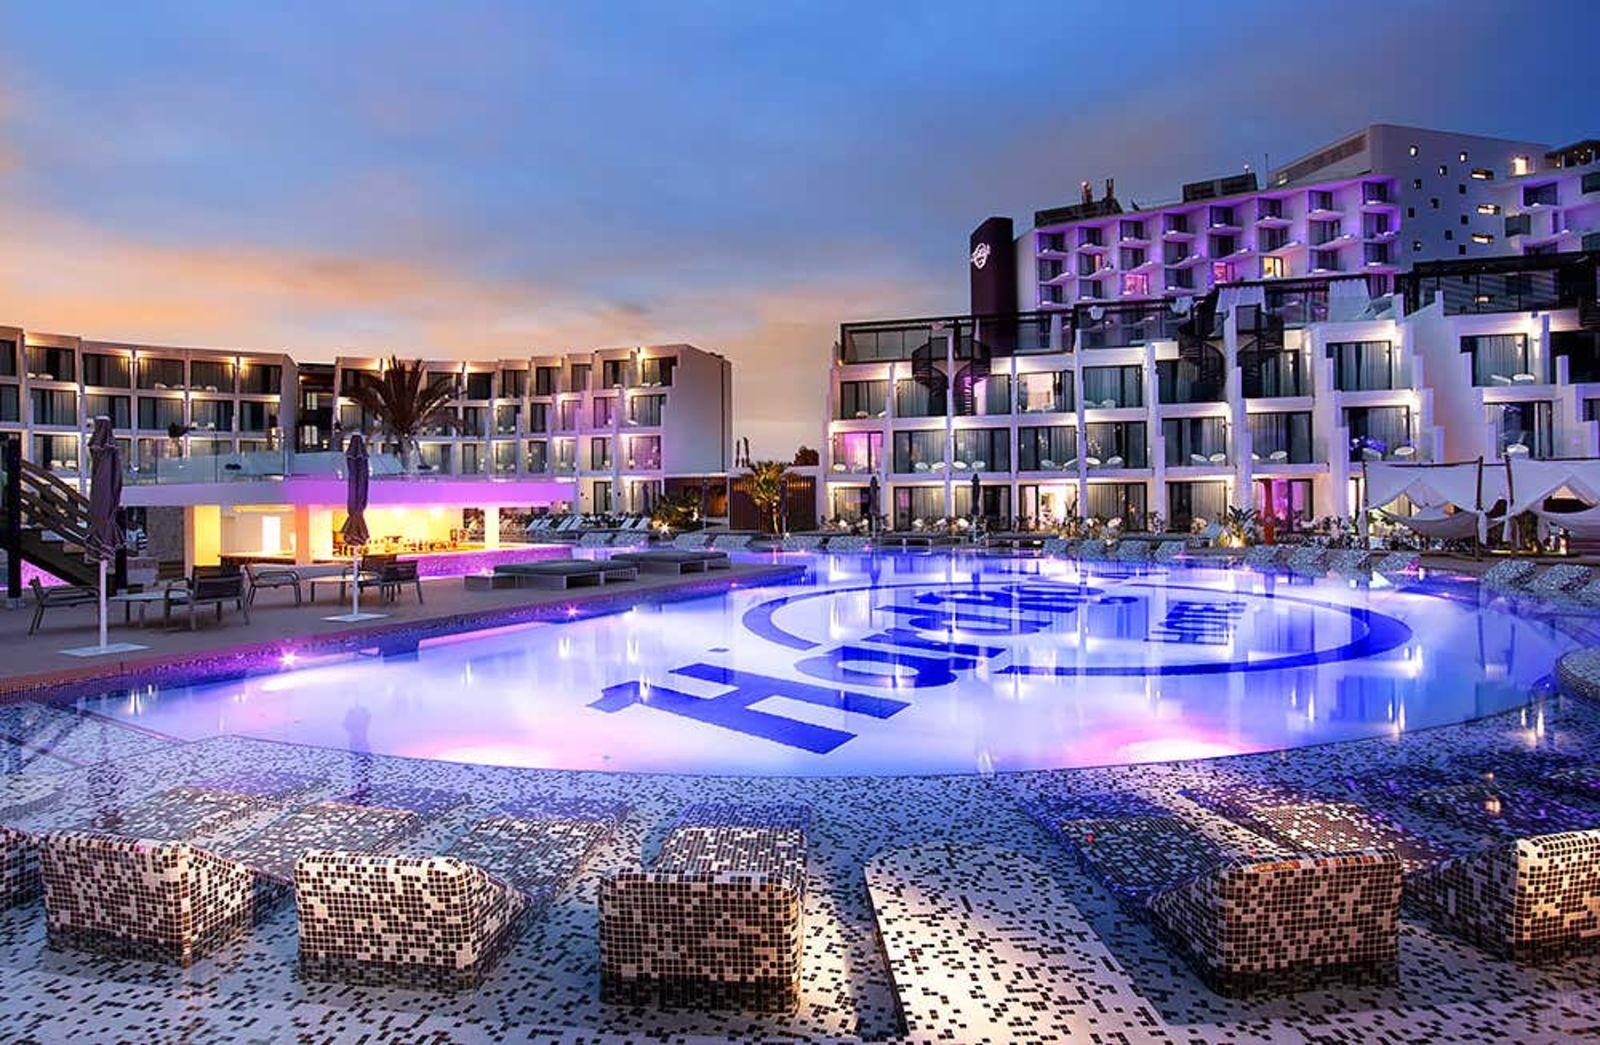 ibiza hard rock, Ibiza, hard rock hotel ibiza